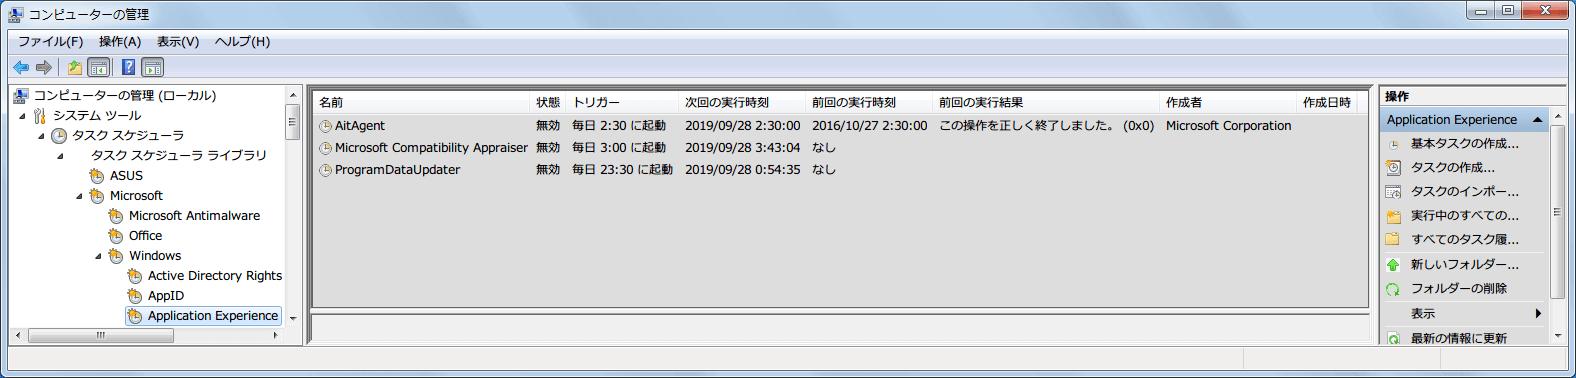 2019年9月 x64 ベース システム用 Windows 7 向けセキュリティのみの品質更新プログラム (KB4516033) インストール後のタスクスケジューラの Application Experience のタスク一覧、無効化状態、タスクを削除していた KB4516033 インストール後に復活している場合あり